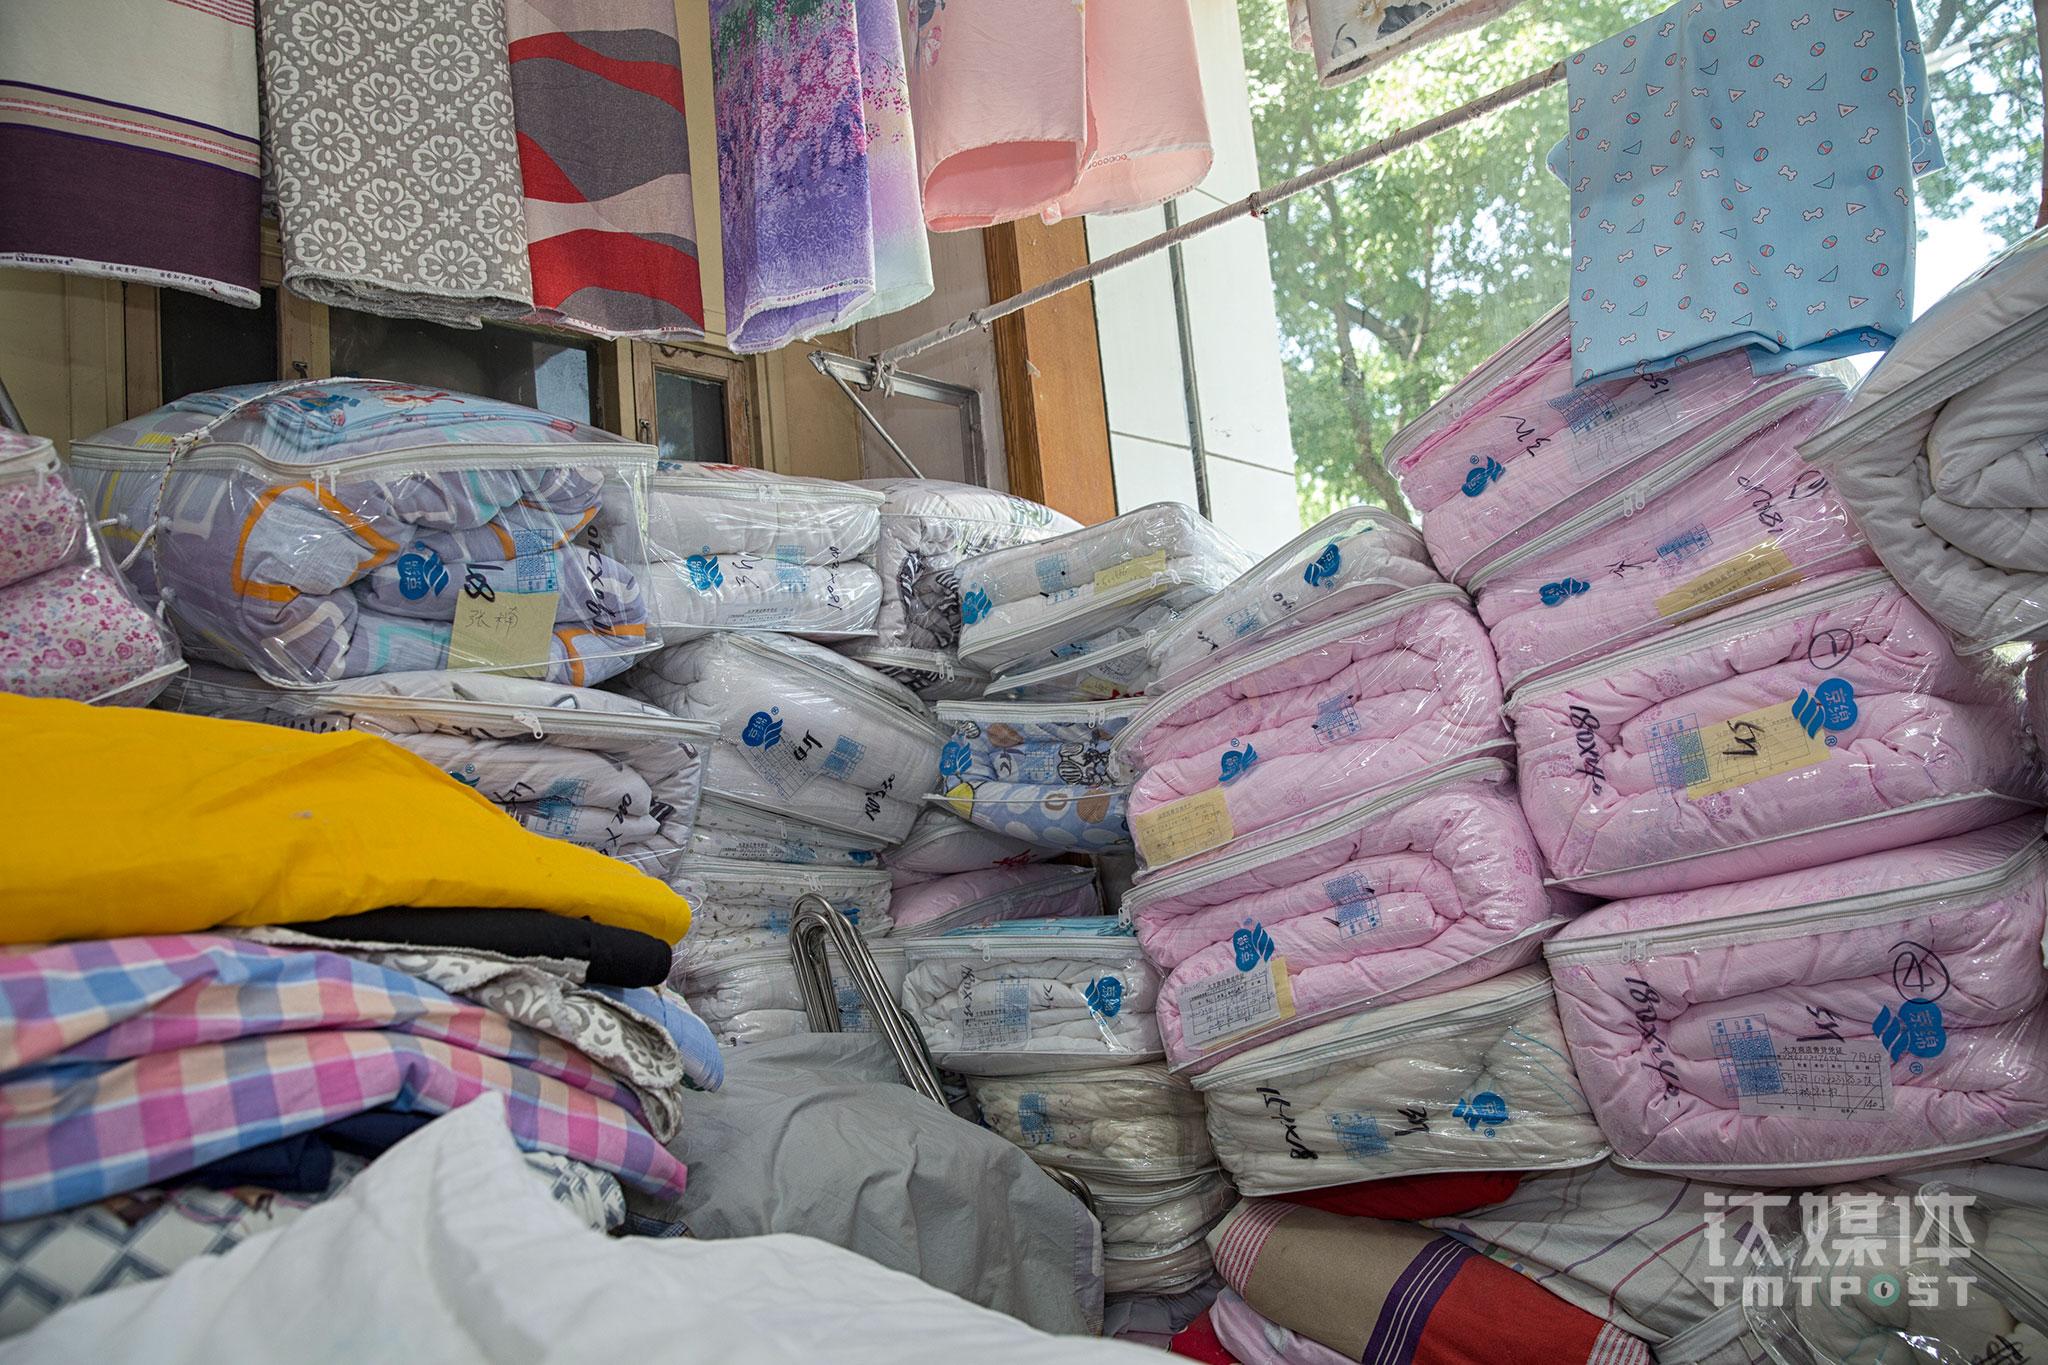 做手工被子是刘惠荣最主要的工作,这个活她干了20年了,由于工序需求,做一套大约需要2个月时间。手工被很受欢迎,柜台的订单都排到2个月以后。